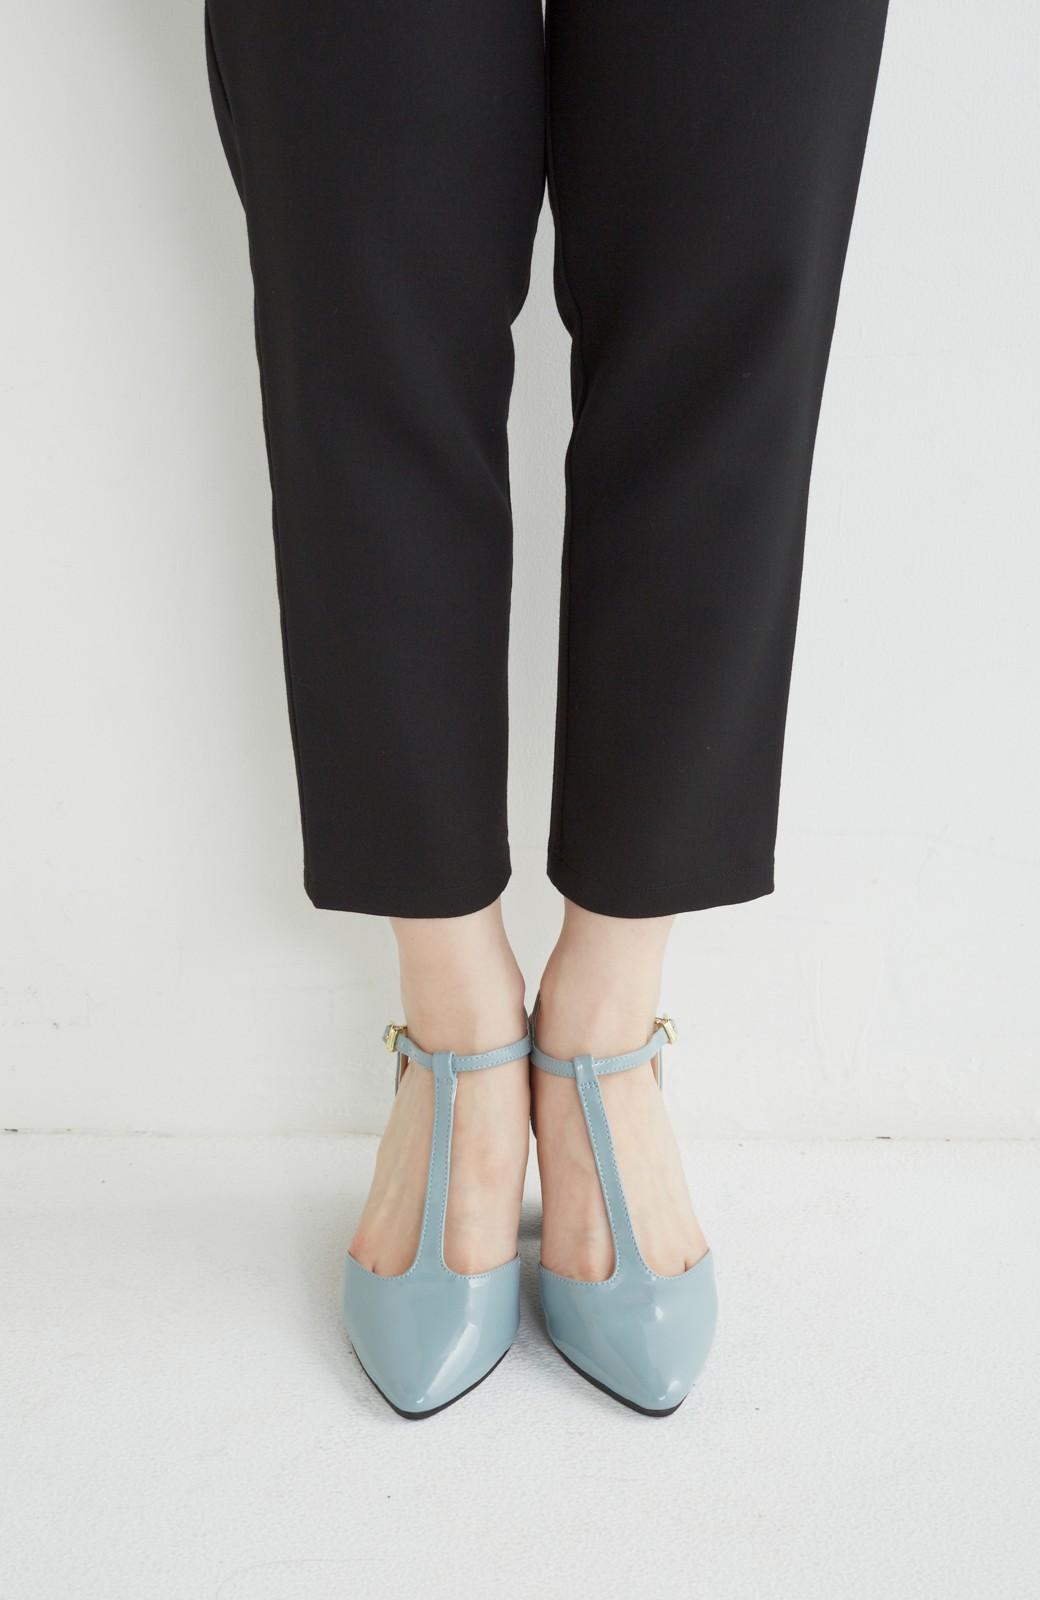 SHE THROUGH SEA おでかけの日に大切に履きたい、Tストラップパンプス <グレイッシュブルー>の商品写真2